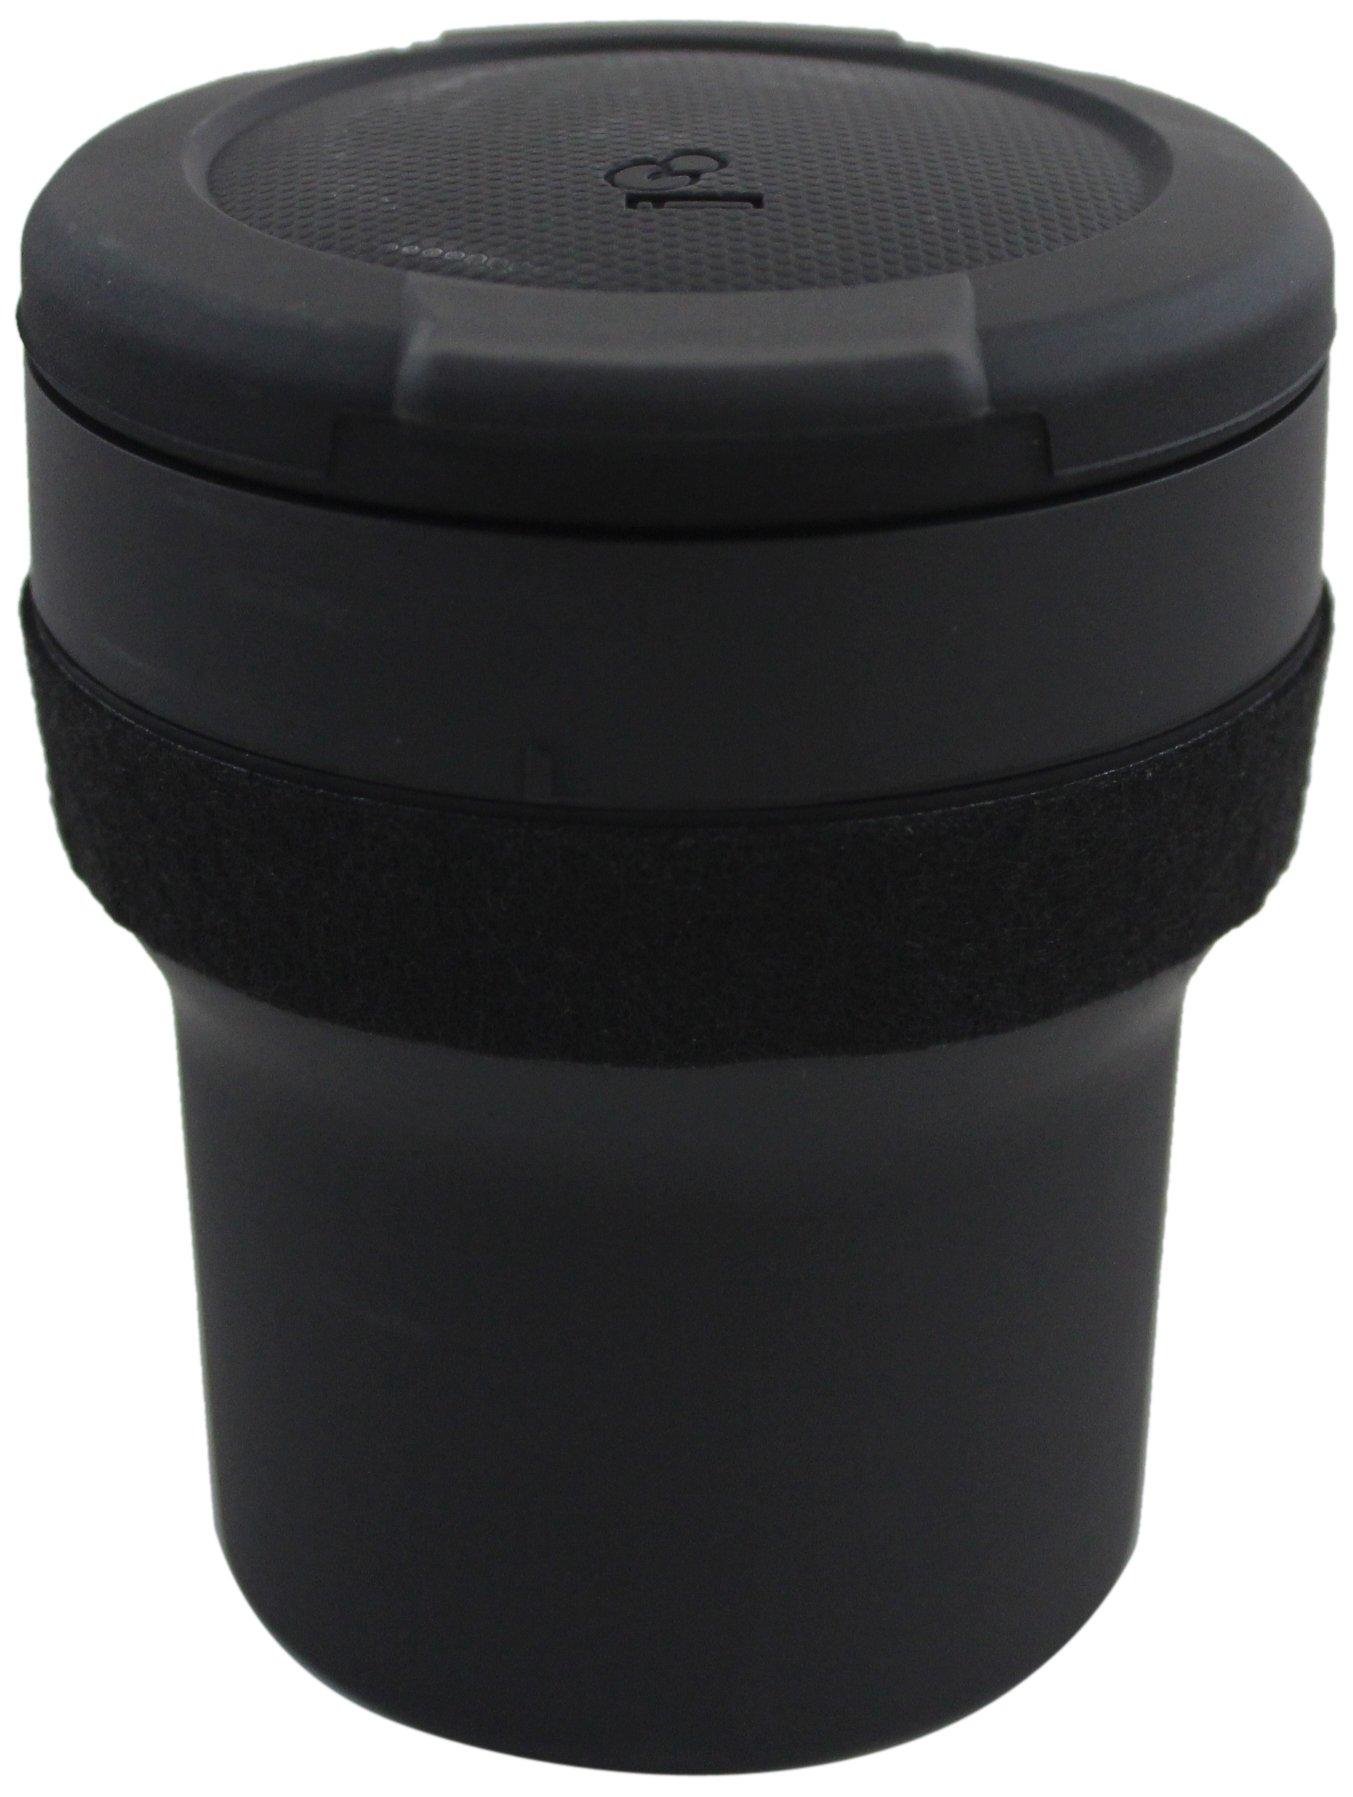 Genuine Kia Accessories P8160-2K000 Ash Cup